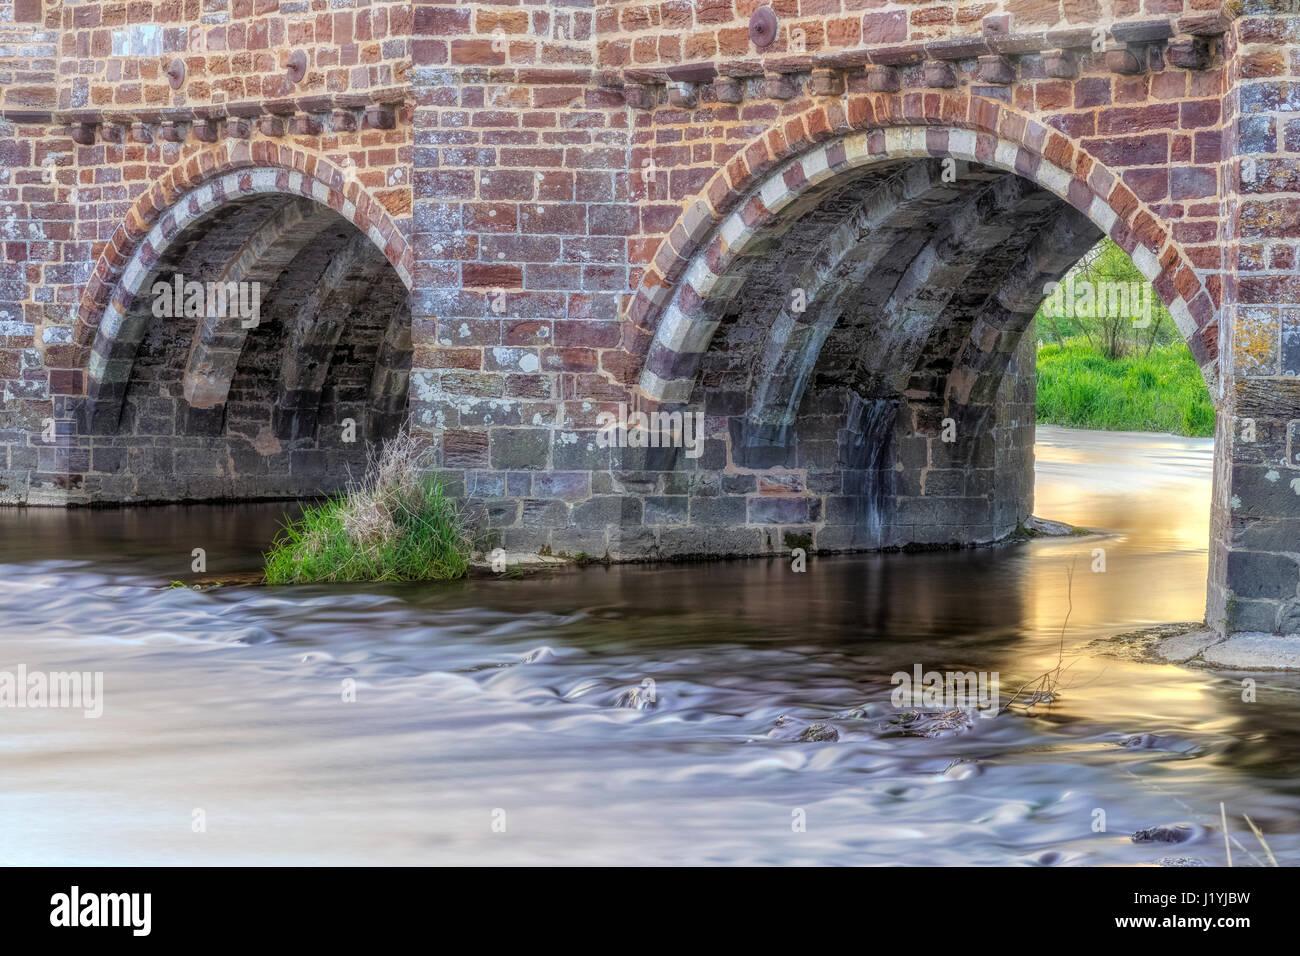 White Mill Bridge, Sturminster Marshall, Dorset, England, UK - Stock-Bilder